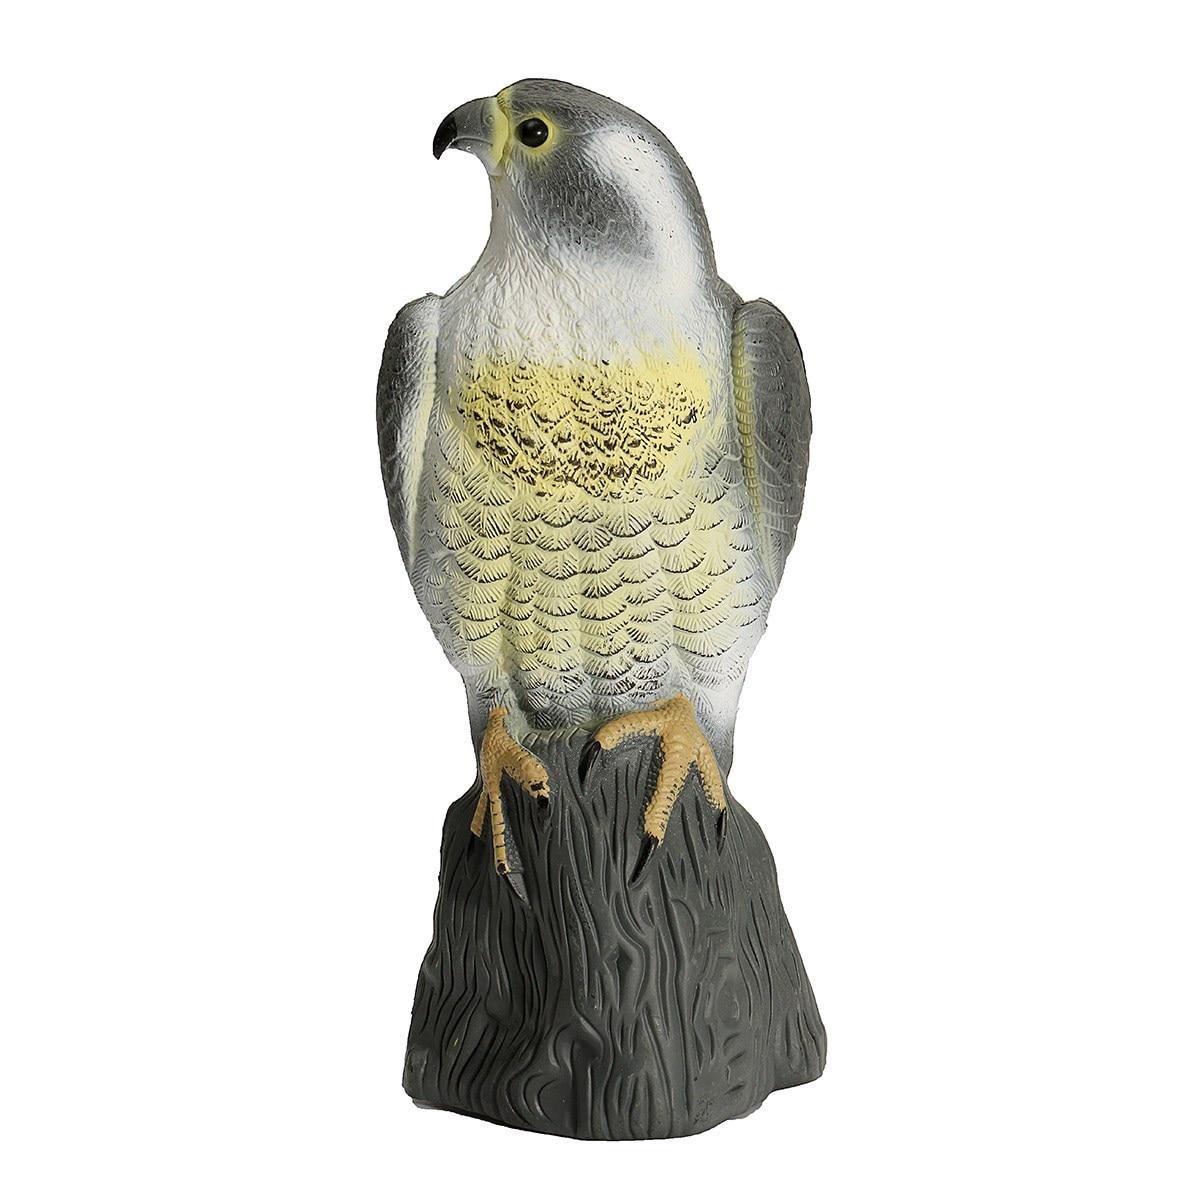 Fliegende Vogel sparrow Hawk Für Tauben Jagdattrappe Gartenpflanze Scarer Schädlingsbekämpfung garten dekoration Jagd Shootingd lockvögel